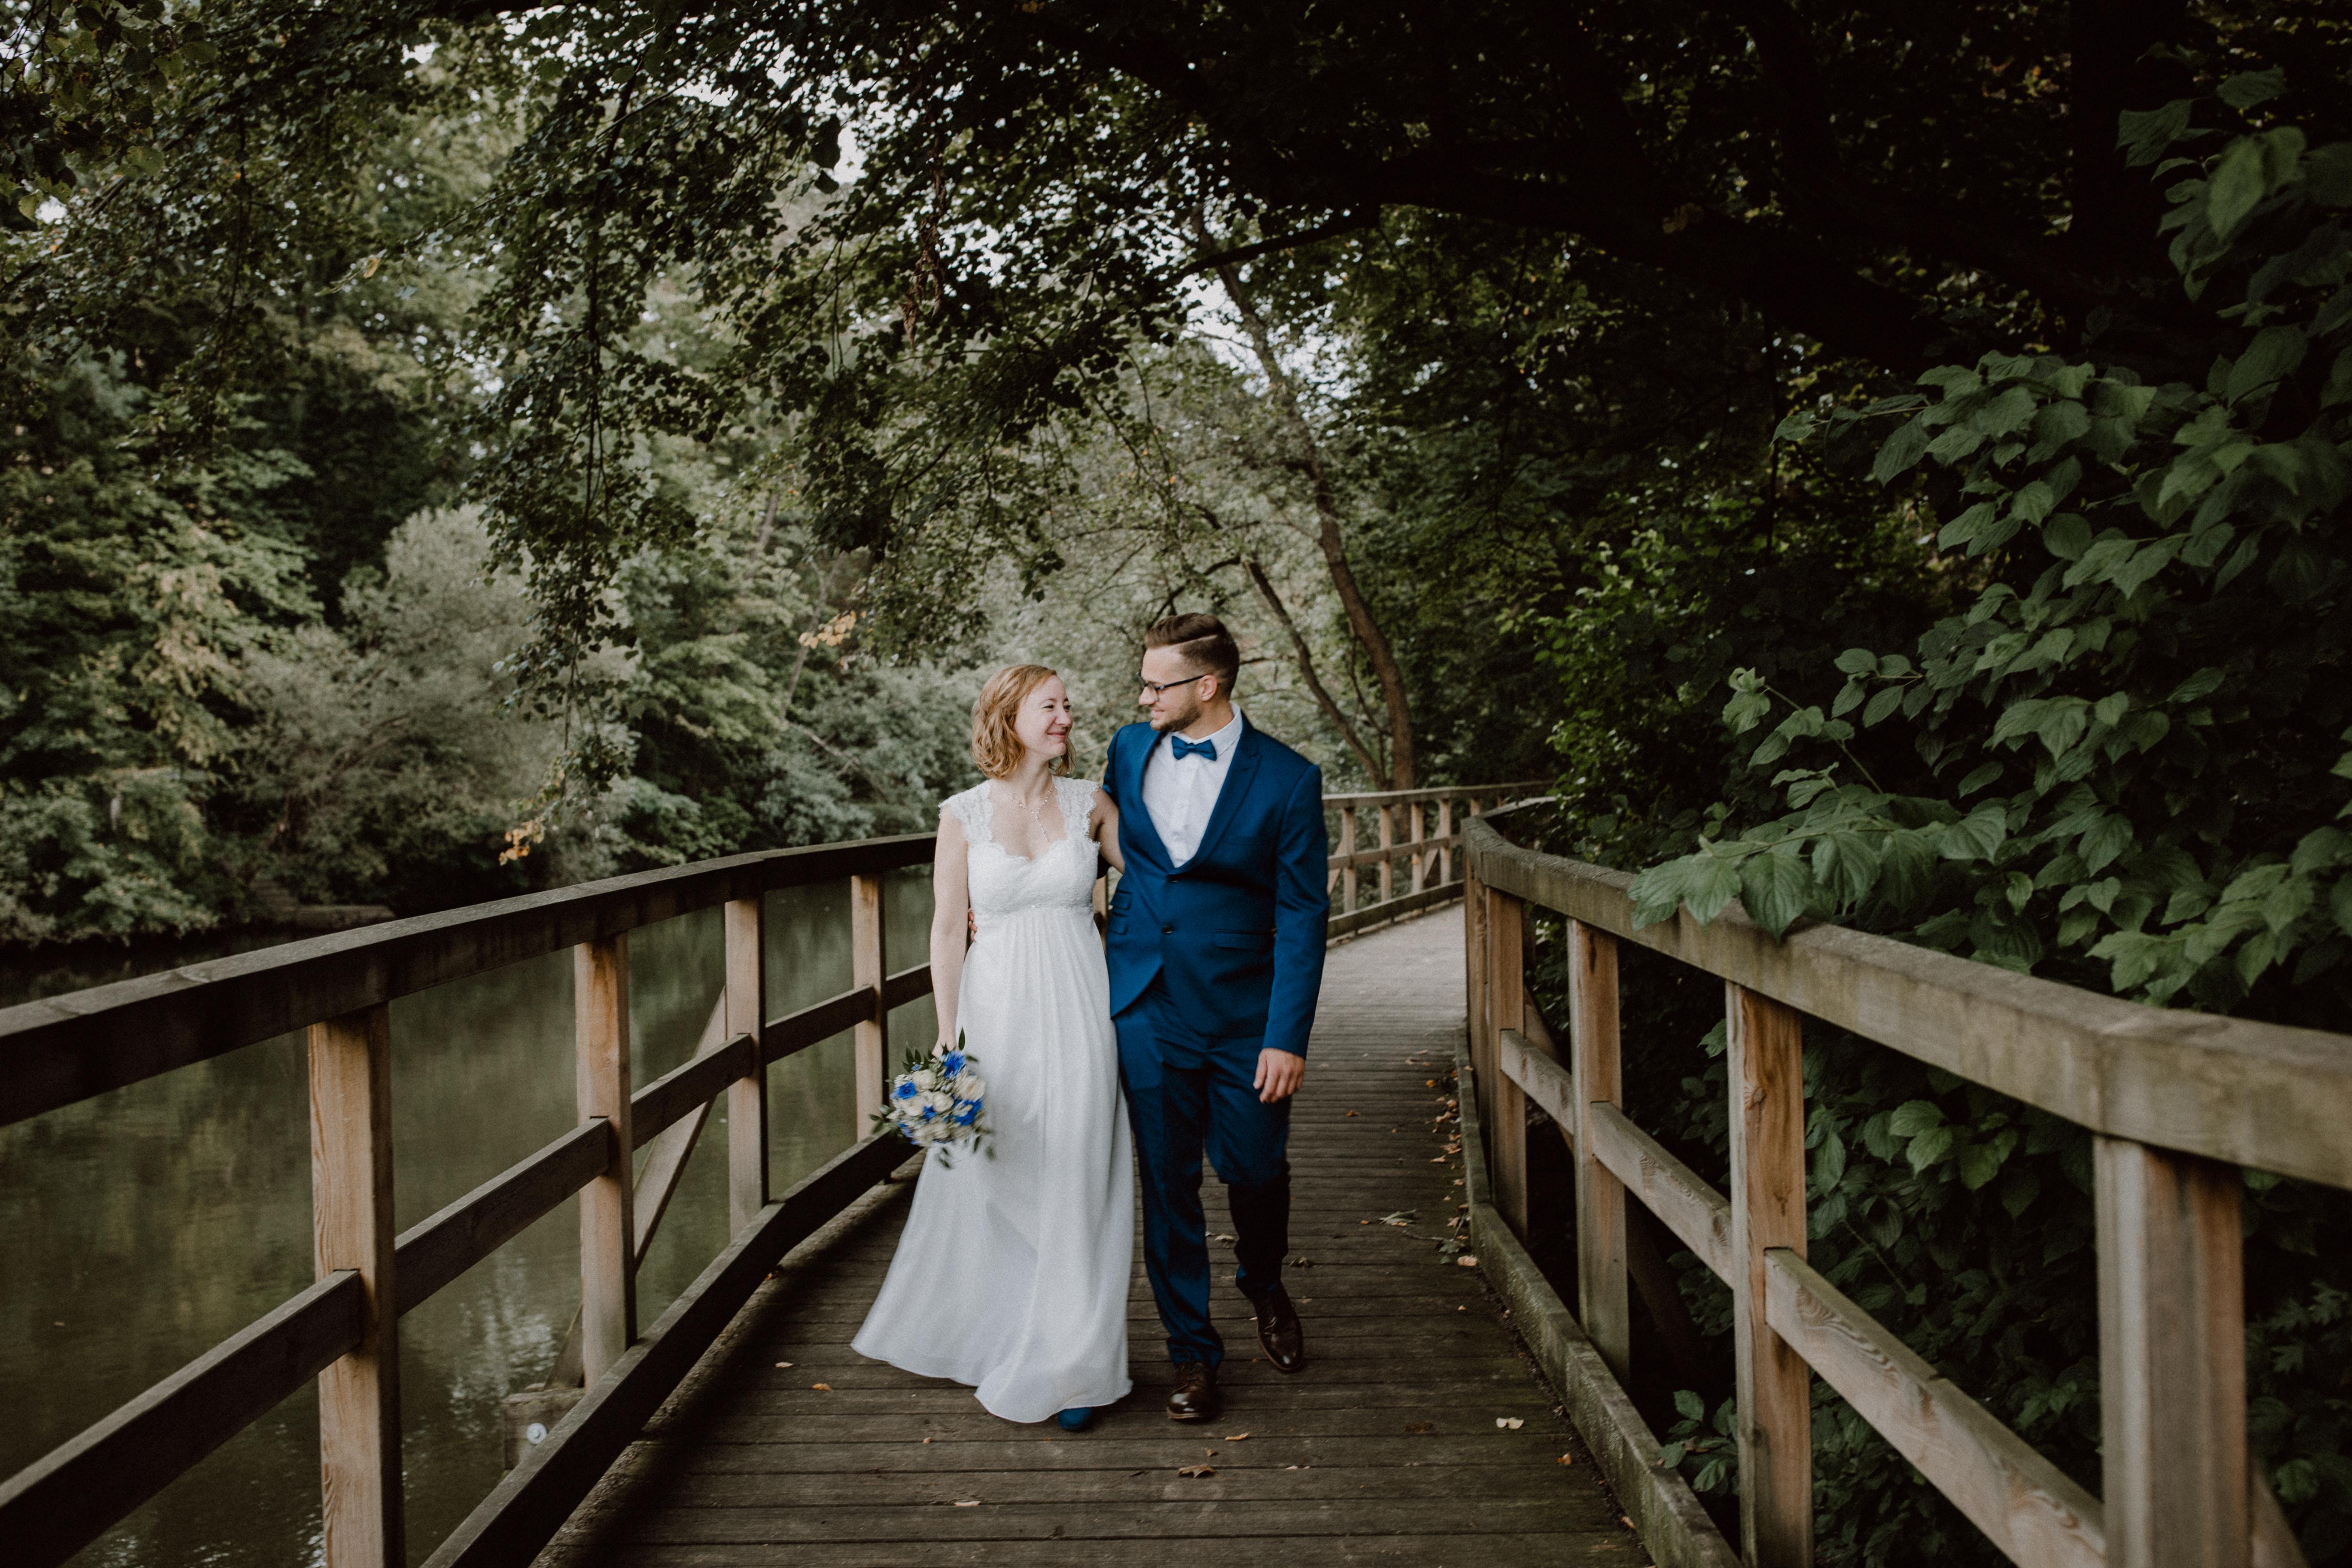 URBANERIE_Daniela_Goth_Hochzeitsfotografin_Nürnberg_Fürth_Erlangen_Schwabach_17907_0426